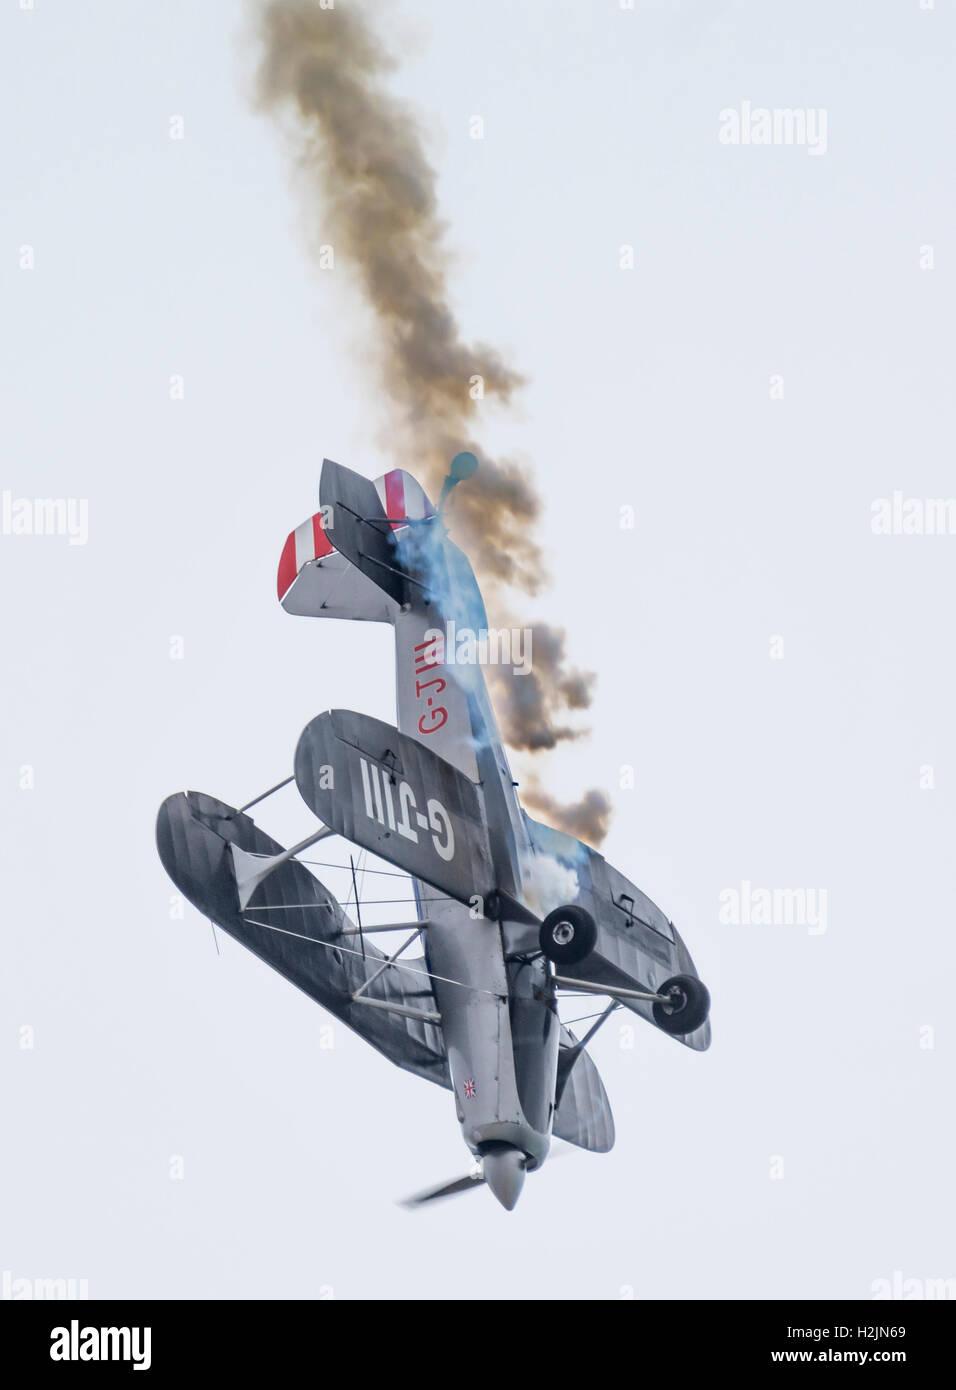 Diving biplanare verso il suolo con fumo proveniente da esso. Vedere la descrizione per maggiori informazioni. Immagini Stock